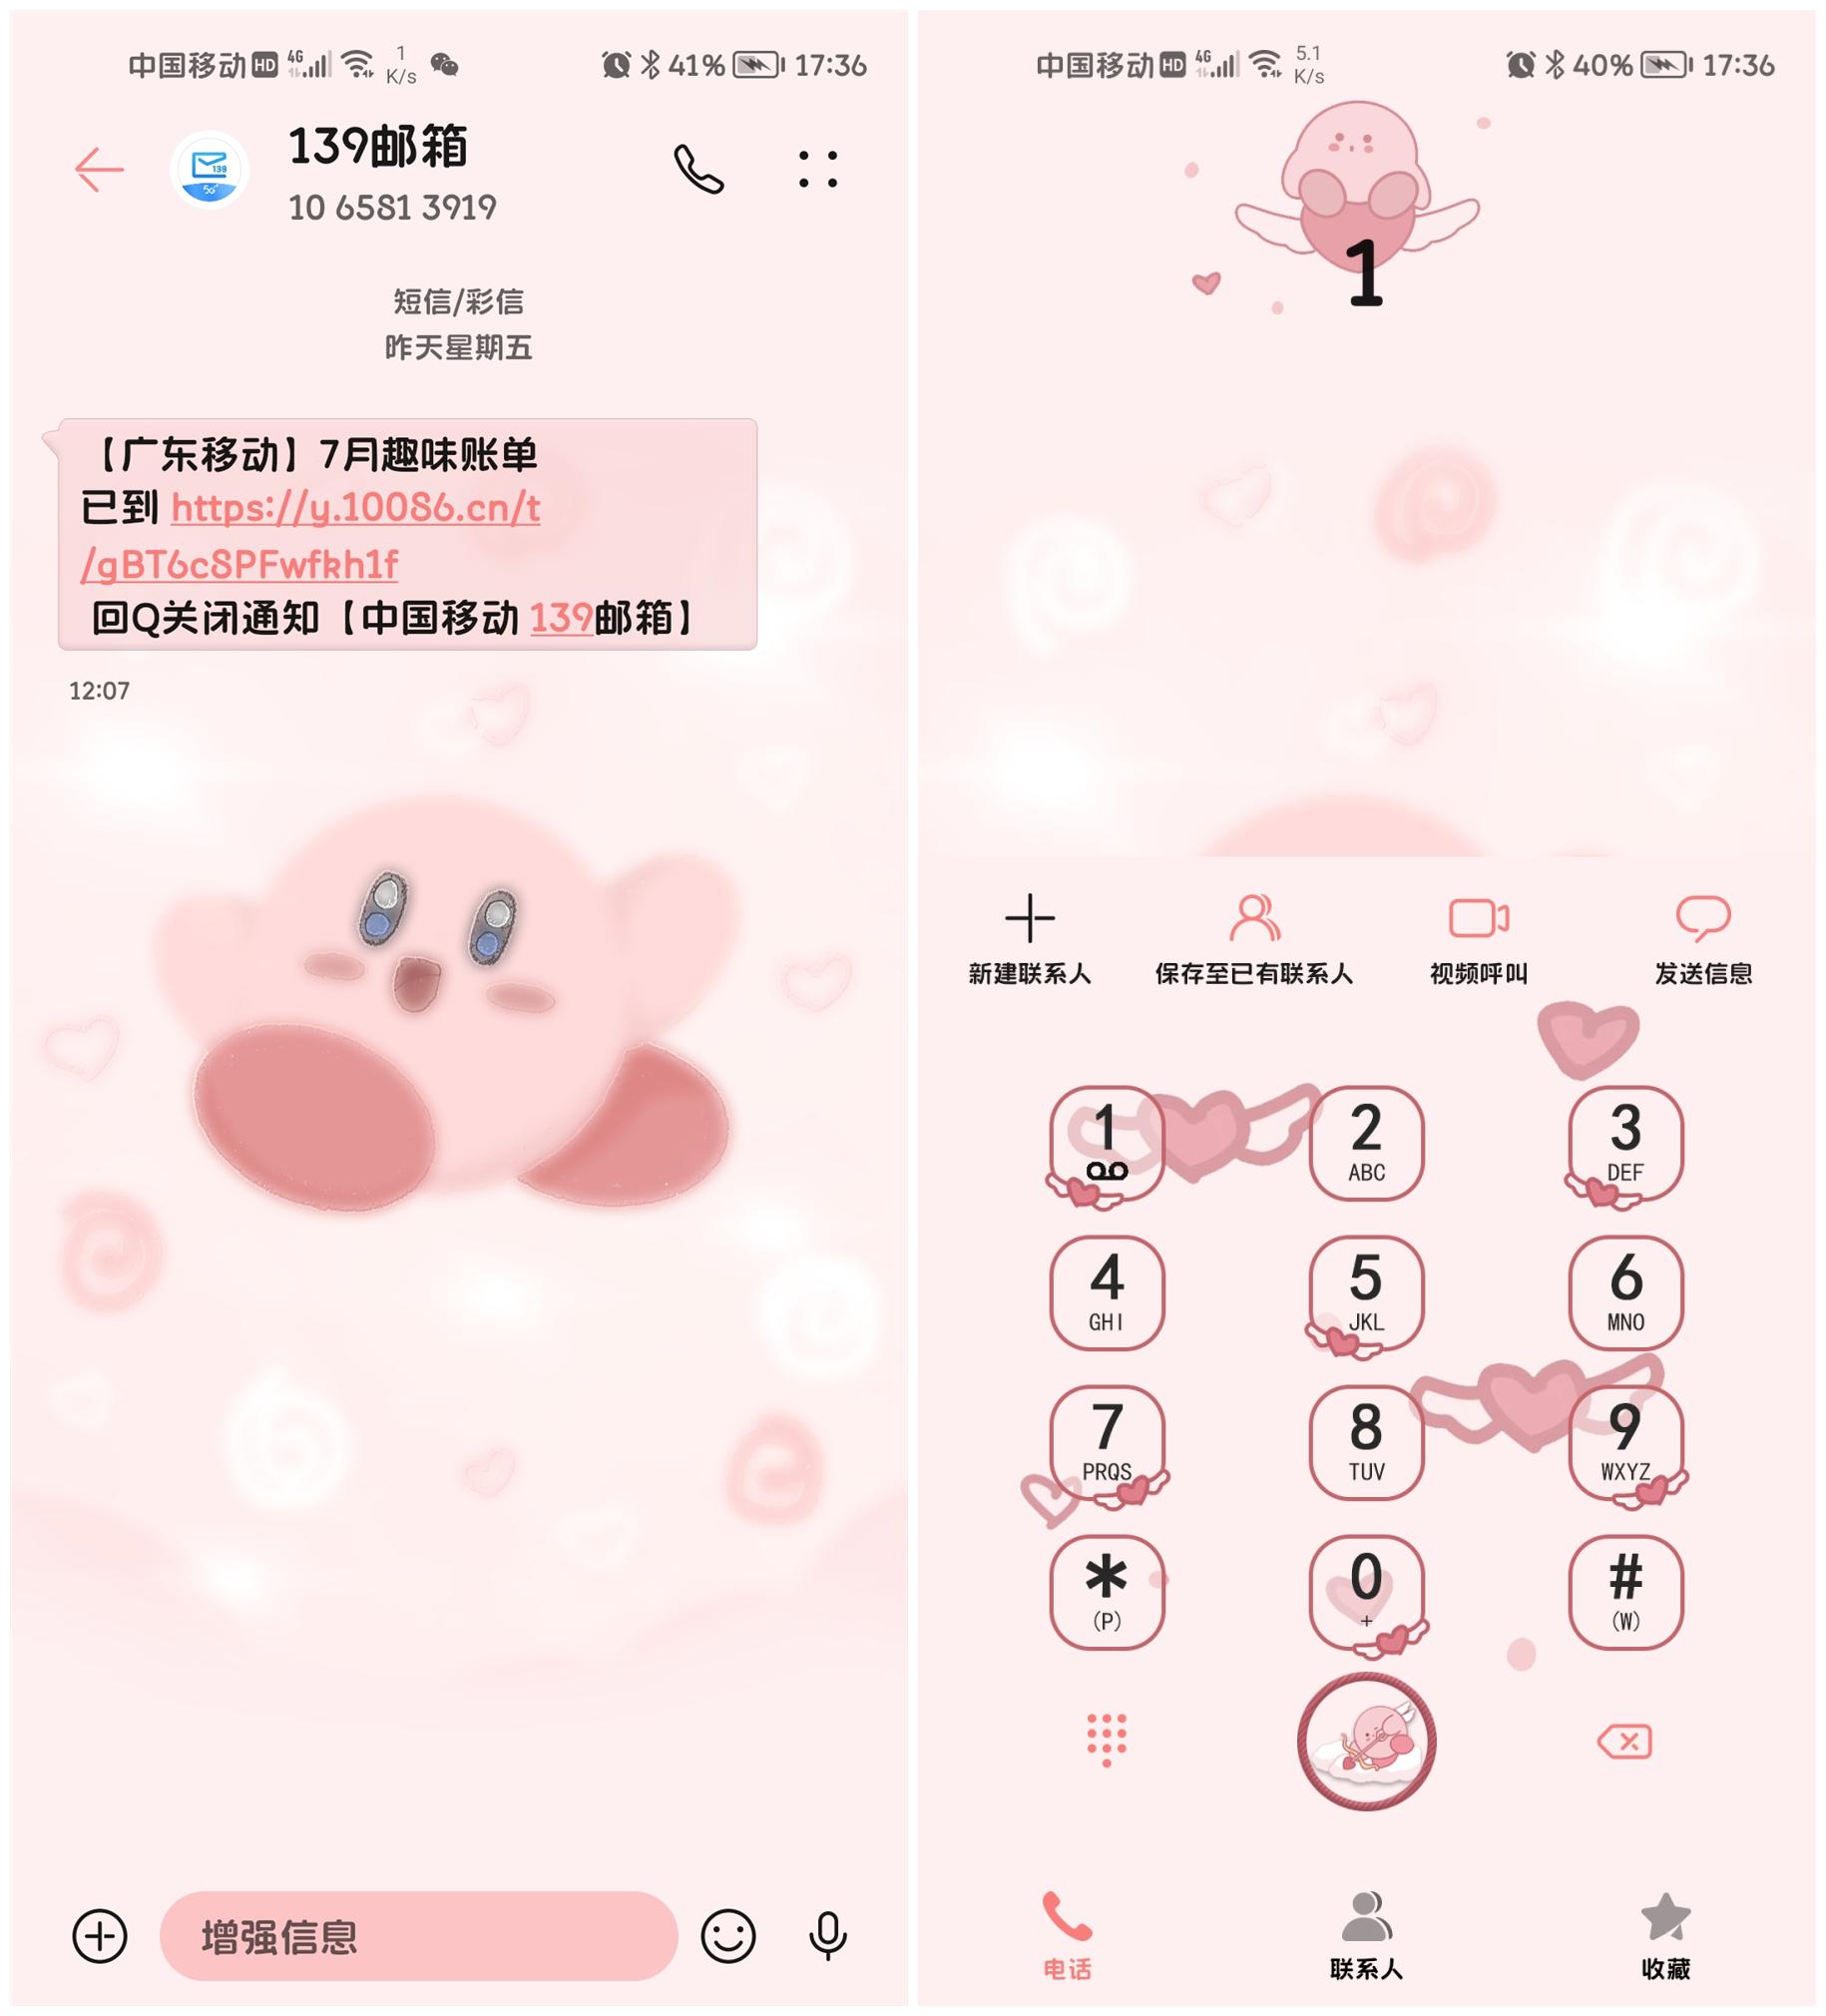 微信图片_202109041757375.jpg